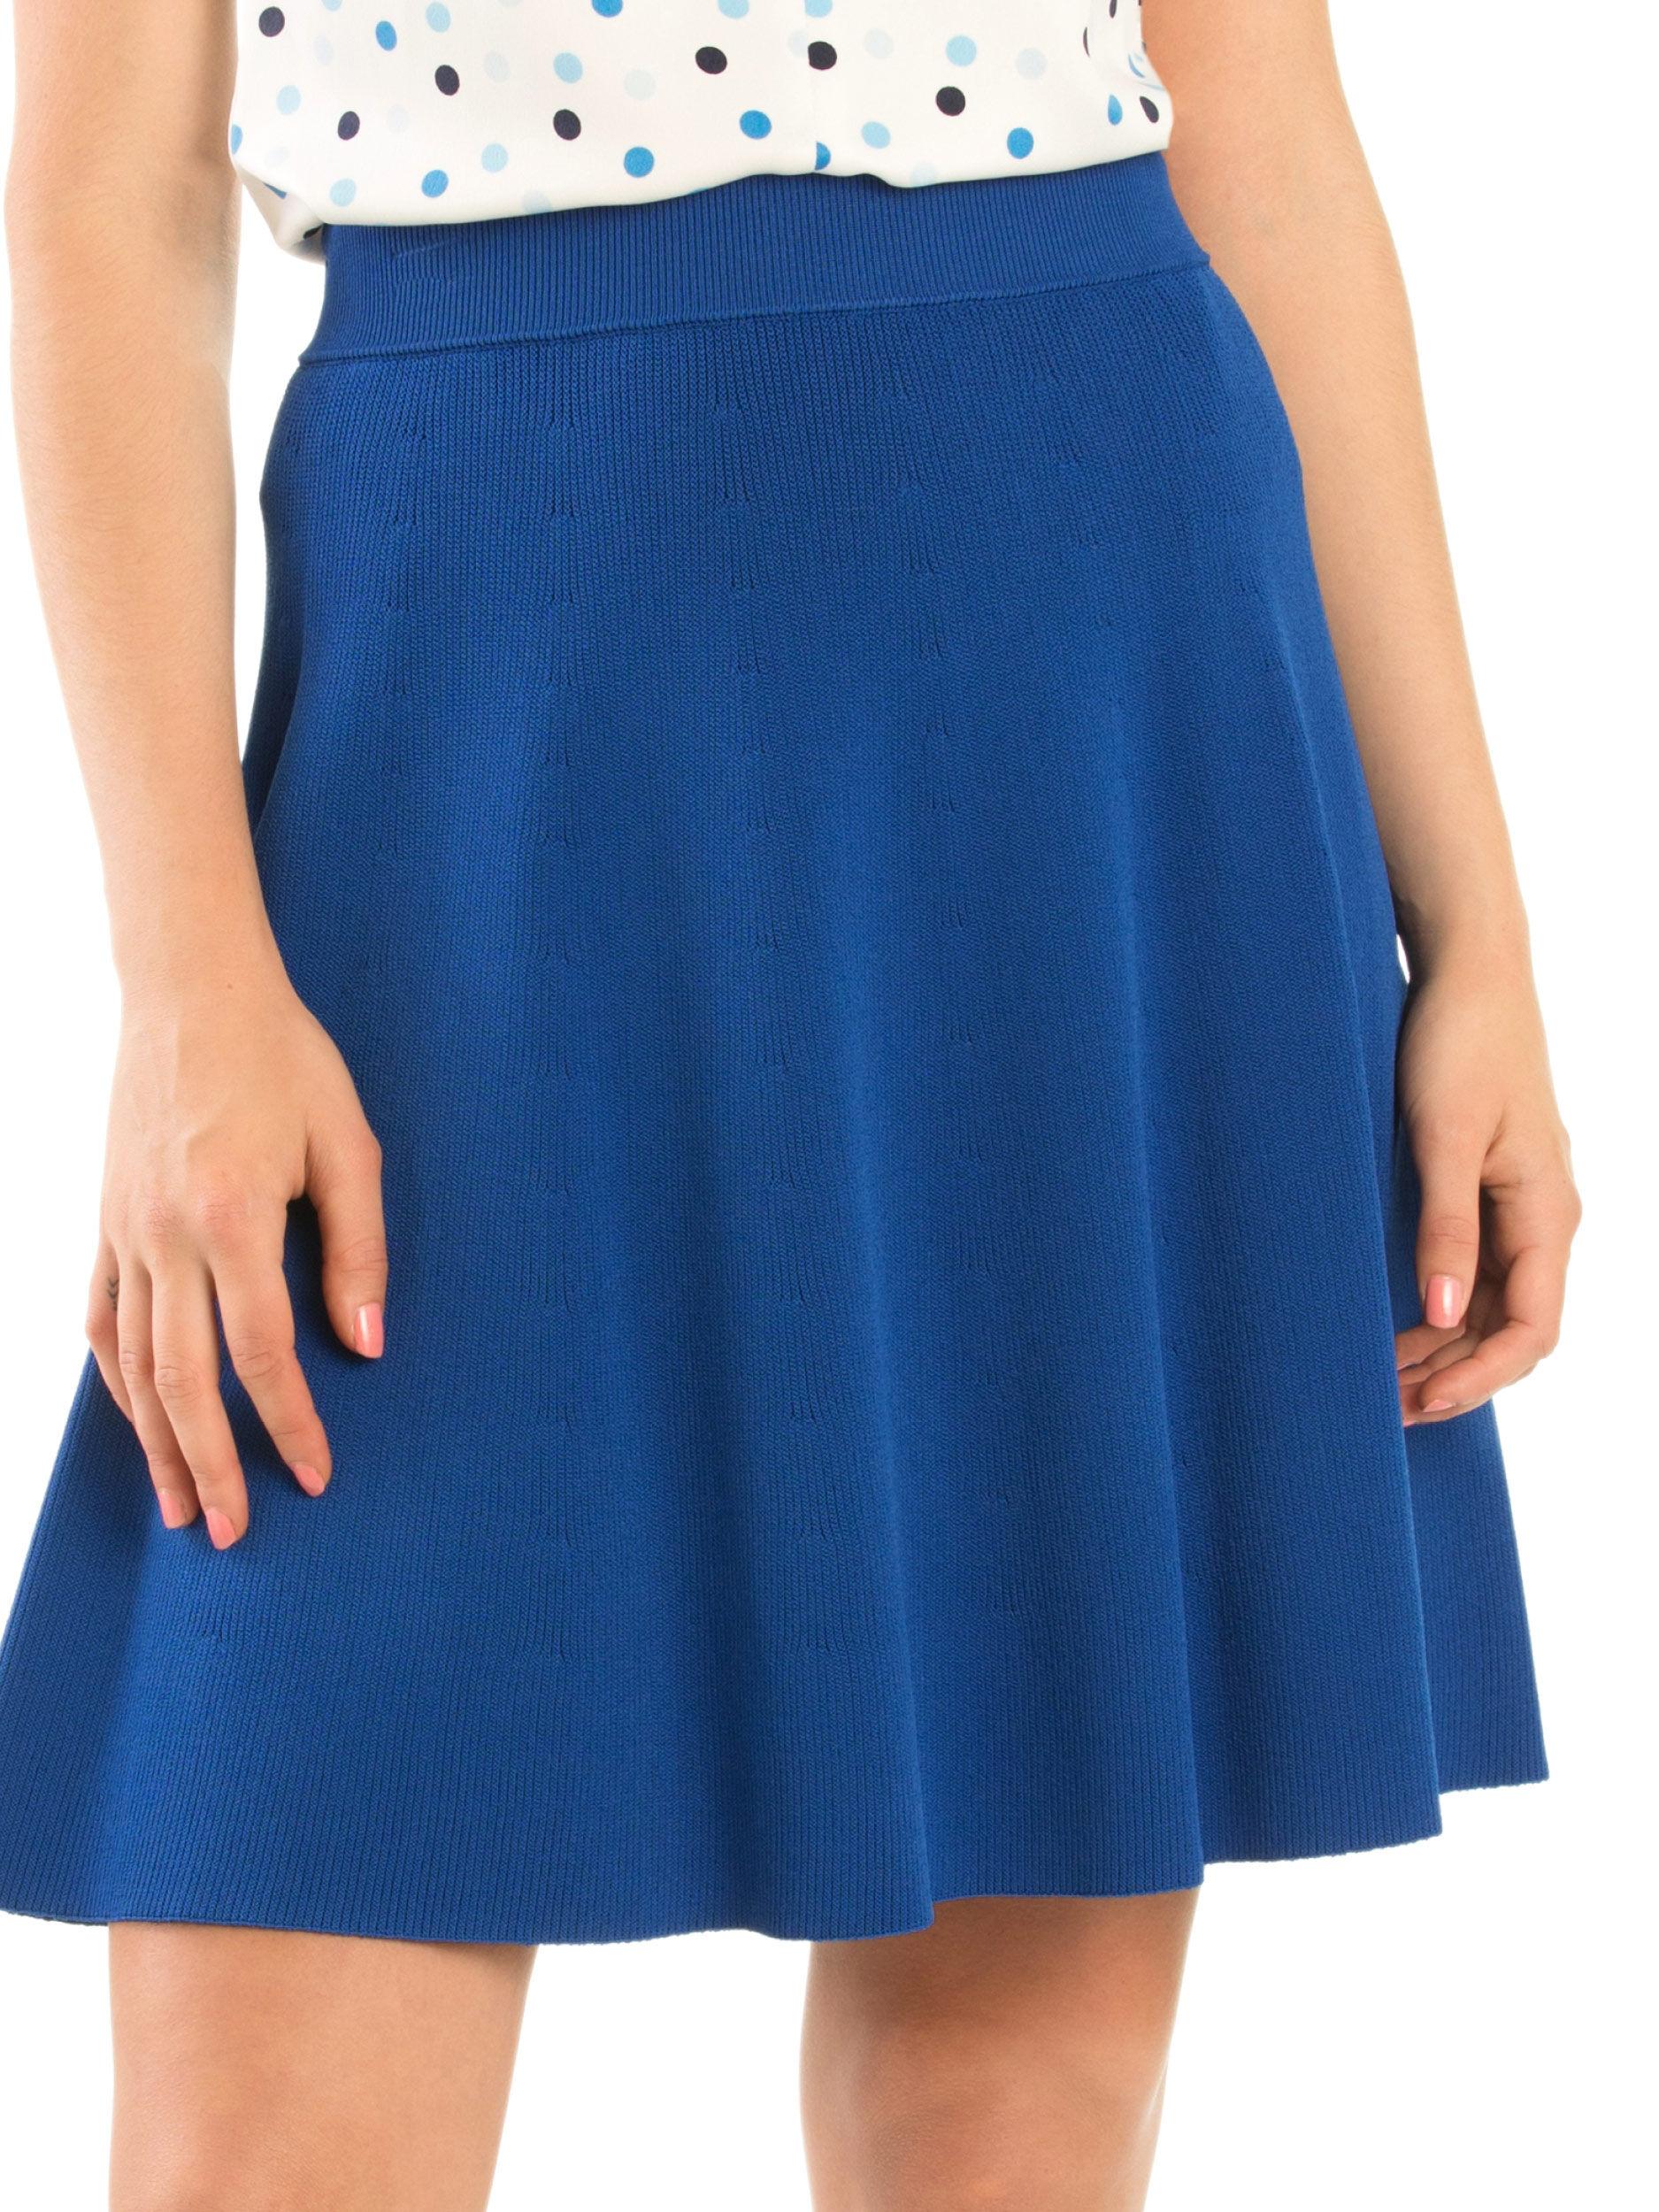 Billie Knitted Skirt